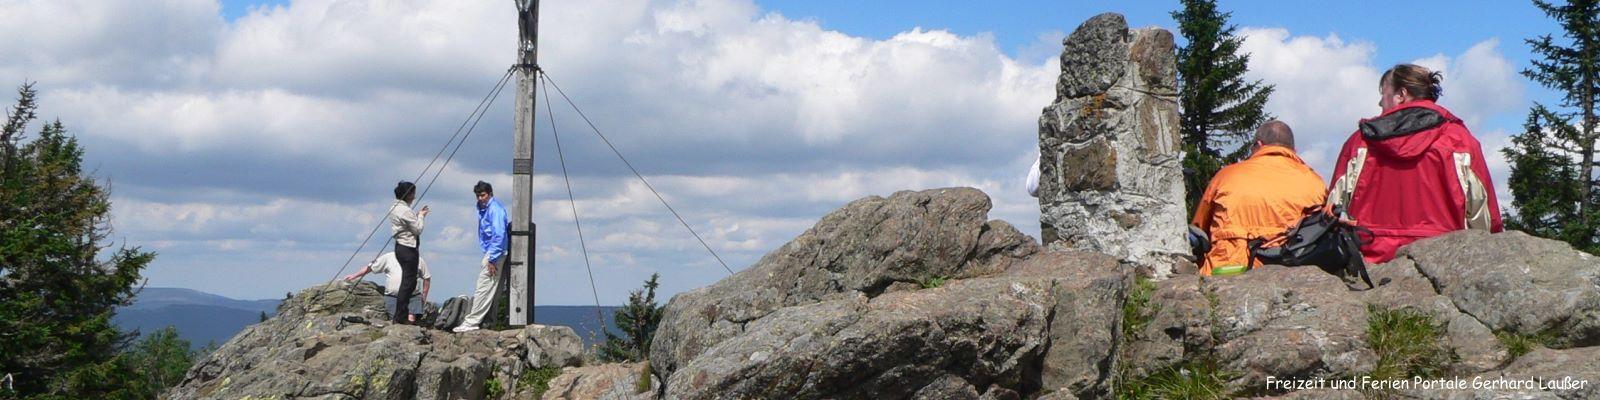 bayerischer-wald-ferien-freizeitangebote-berge-wandern-1600